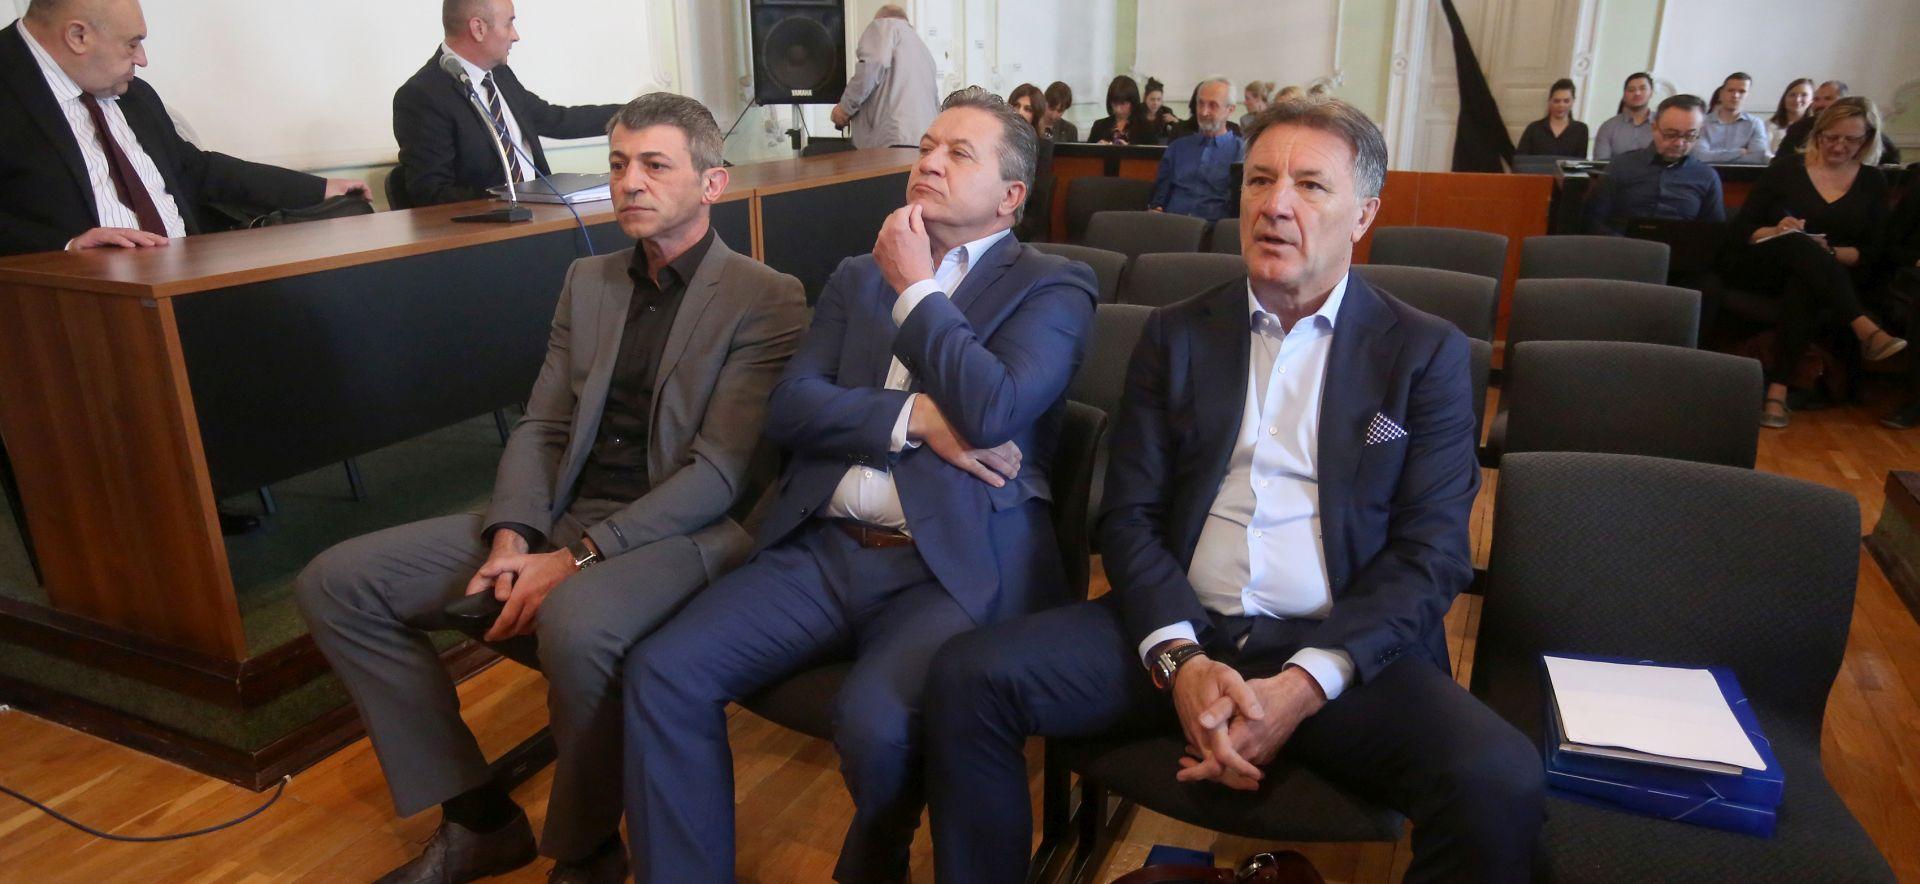 BARIŠIĆ 'Glavnu riječ u transferima igrača imao je Zdravko Mamić'